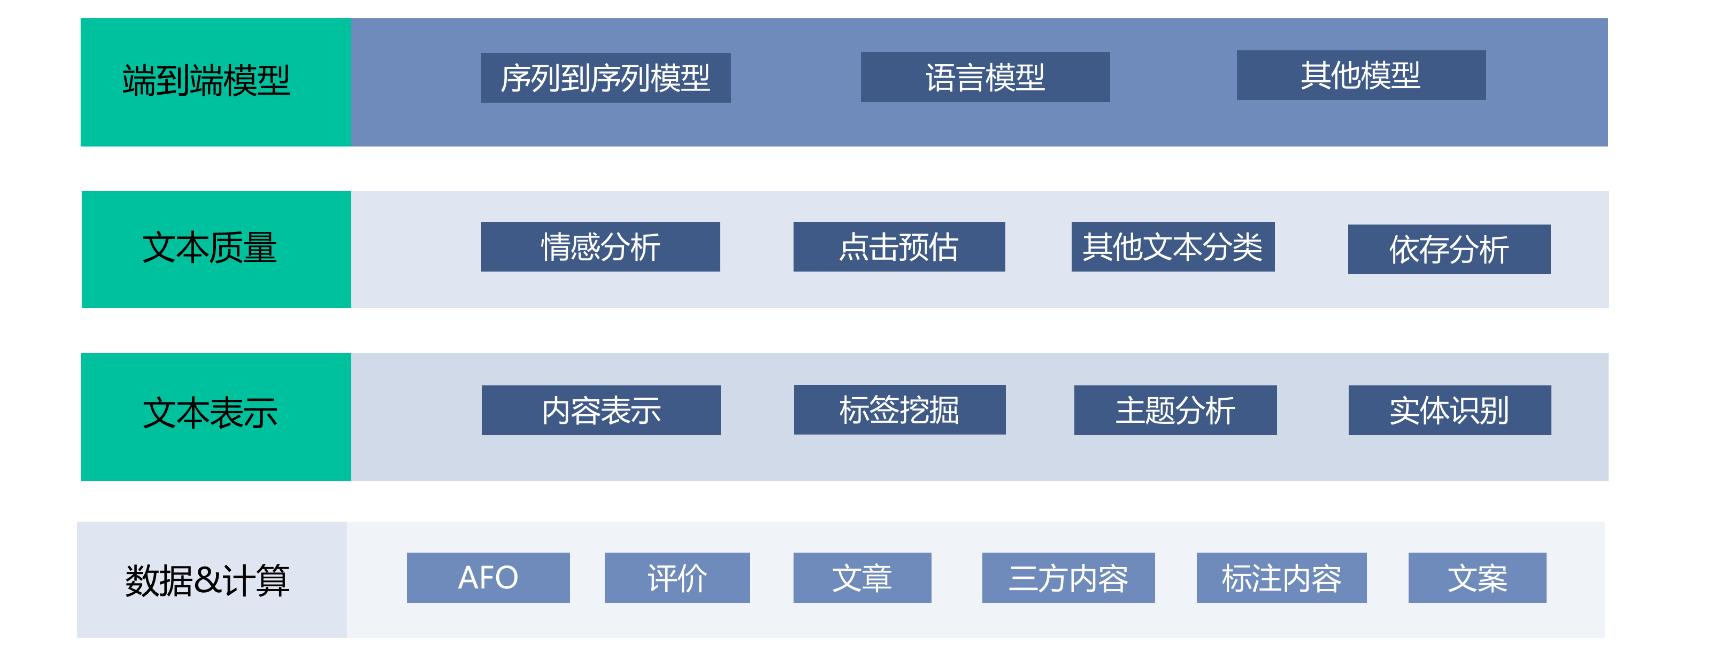 图8 文本生成应用的基础能力模块